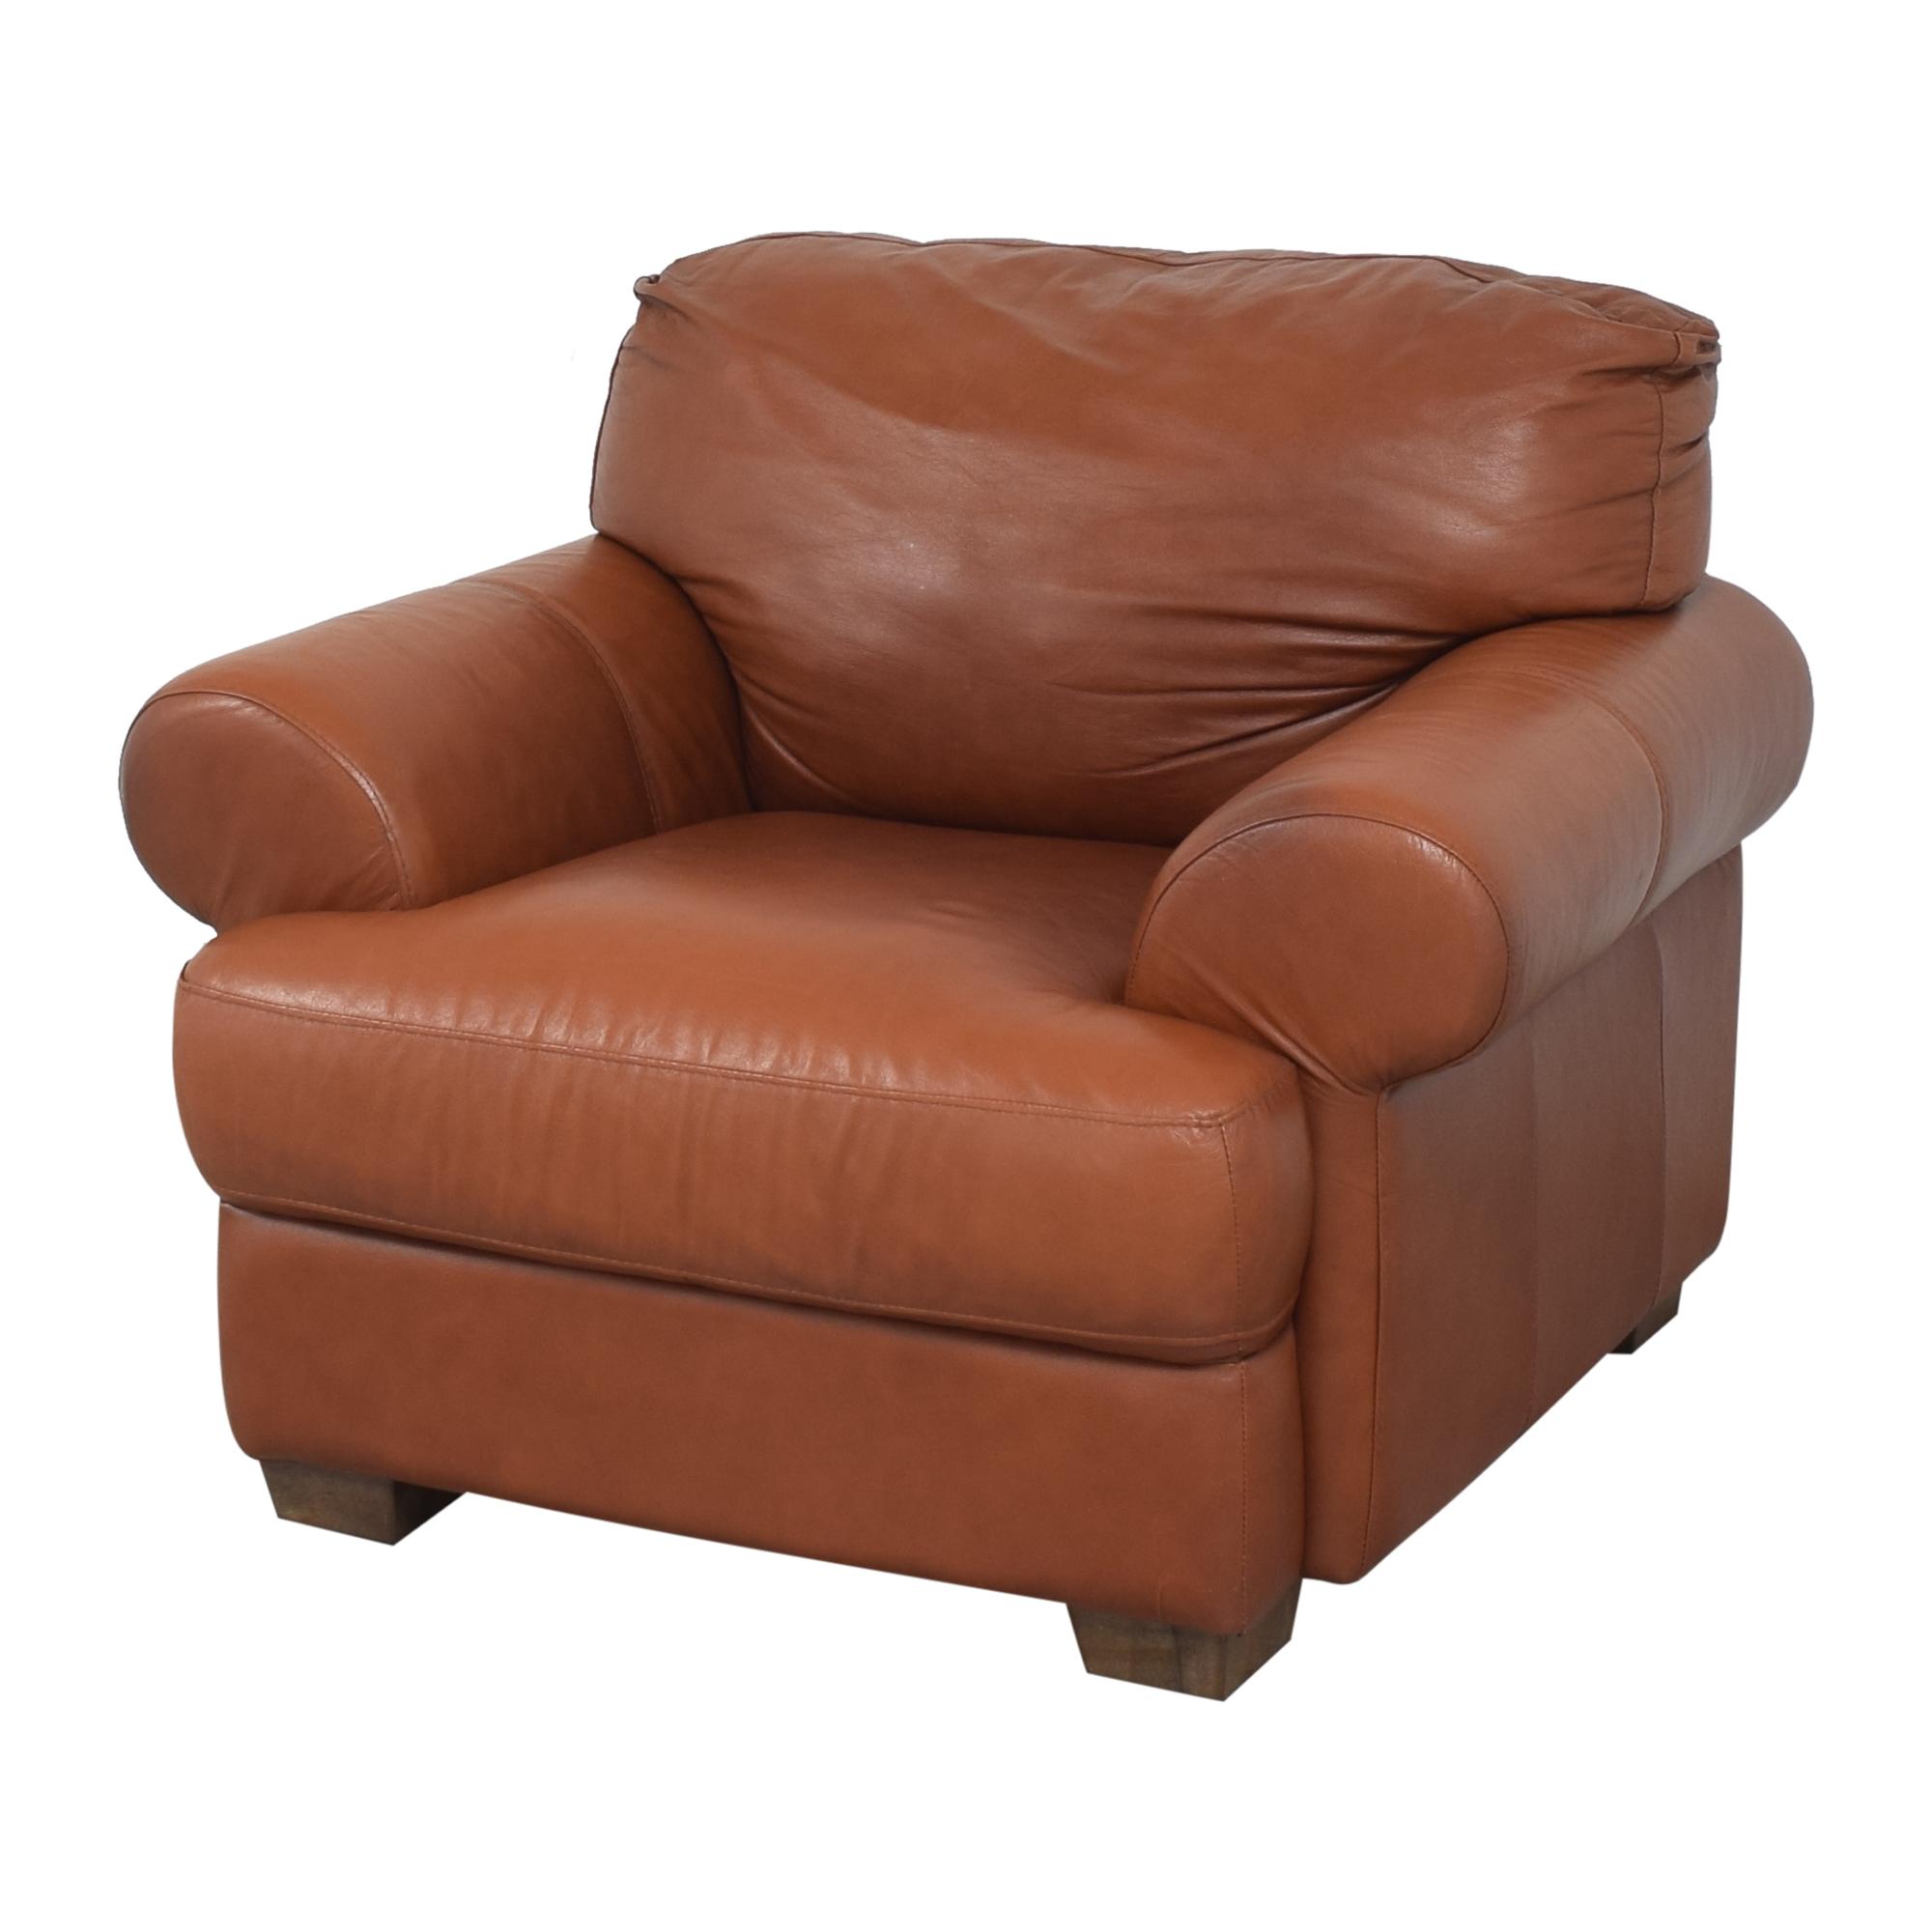 Chateau d'Ax Chateau d'Ax Roll Arm Club Chair on sale